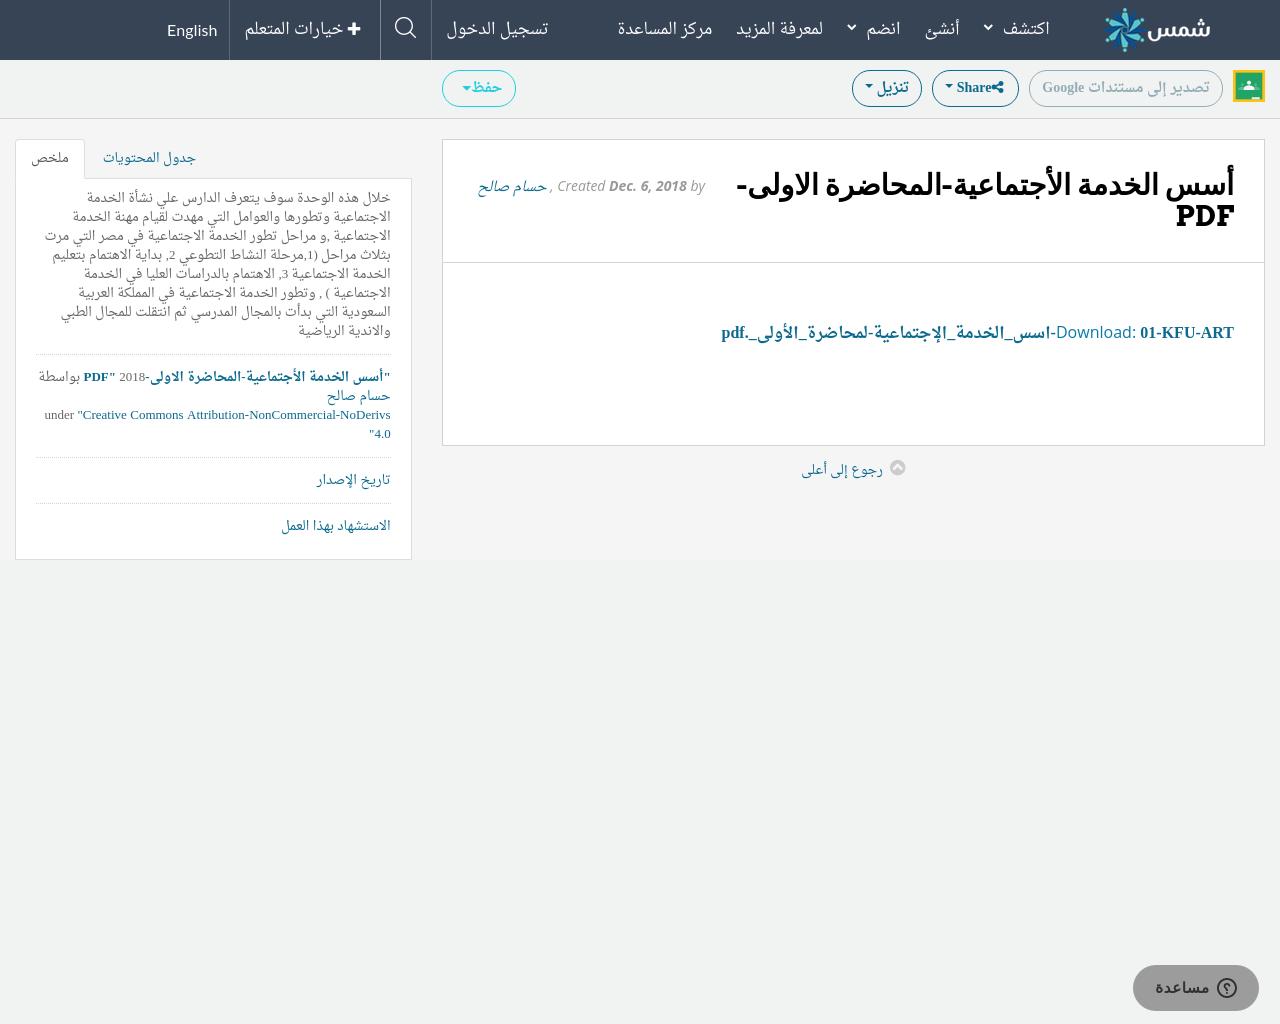 نشأة الخدمة الاجتماعية في المملكة العربية السعودية pdf